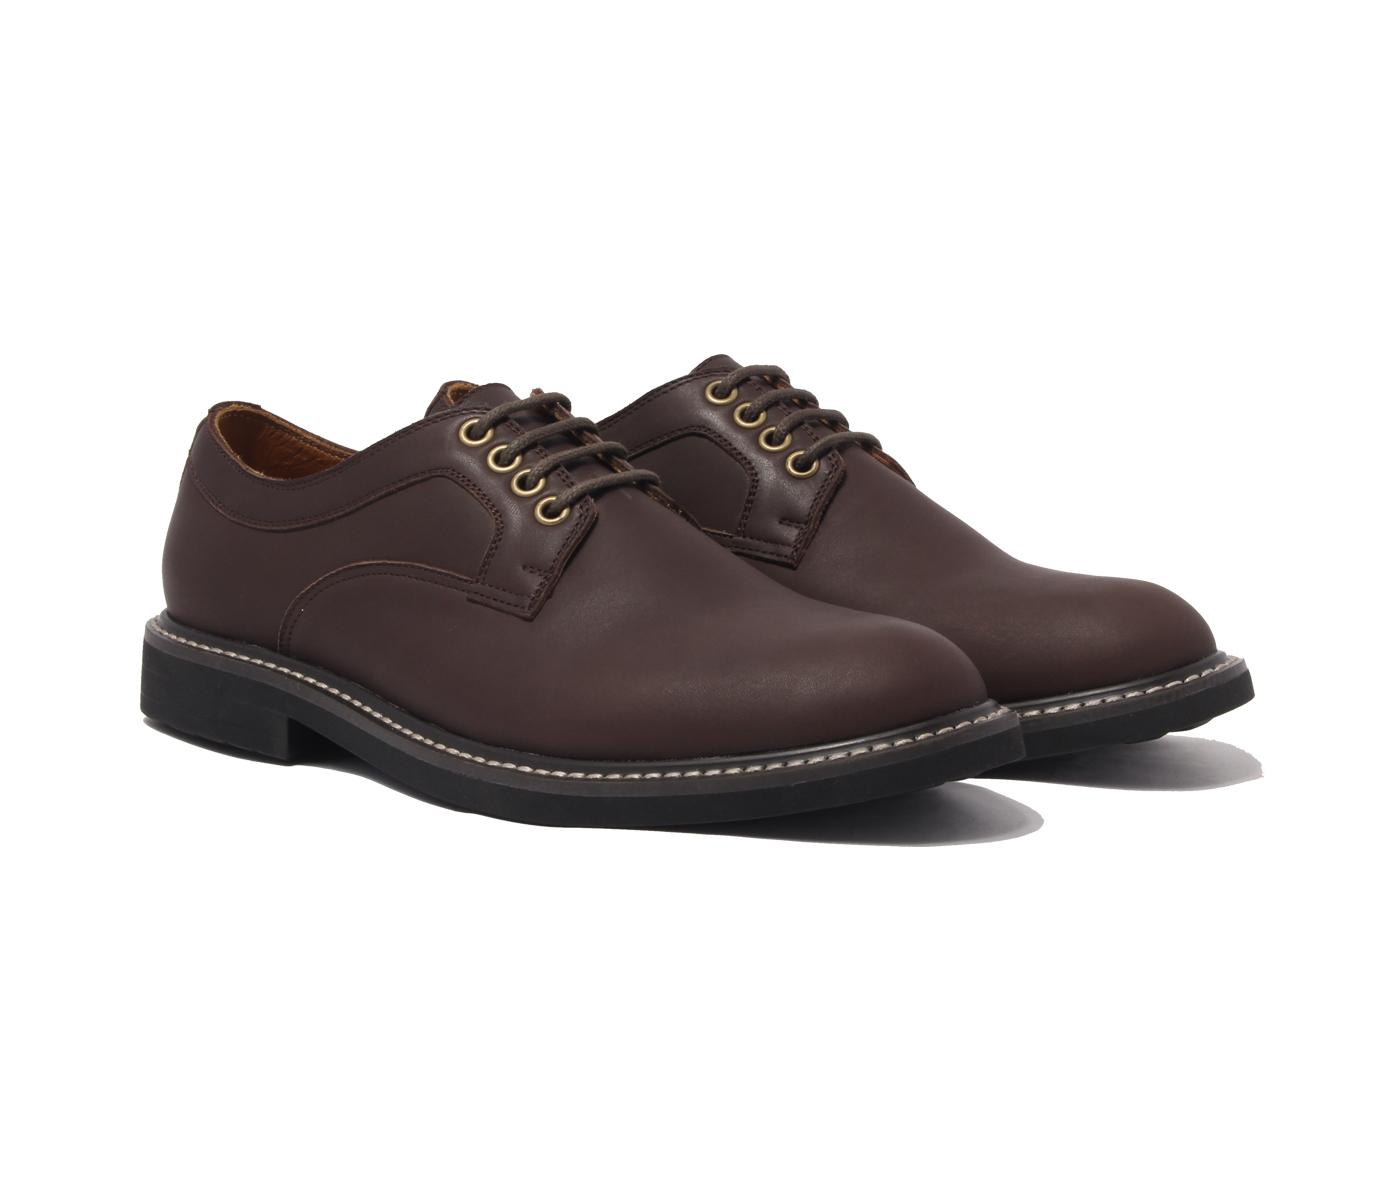 Giày tây cao cấp chính hãng BANULI, kiểu giày retro B1PD2M0 da bò Veg - Tan Ý, đế cao su tự nhiên